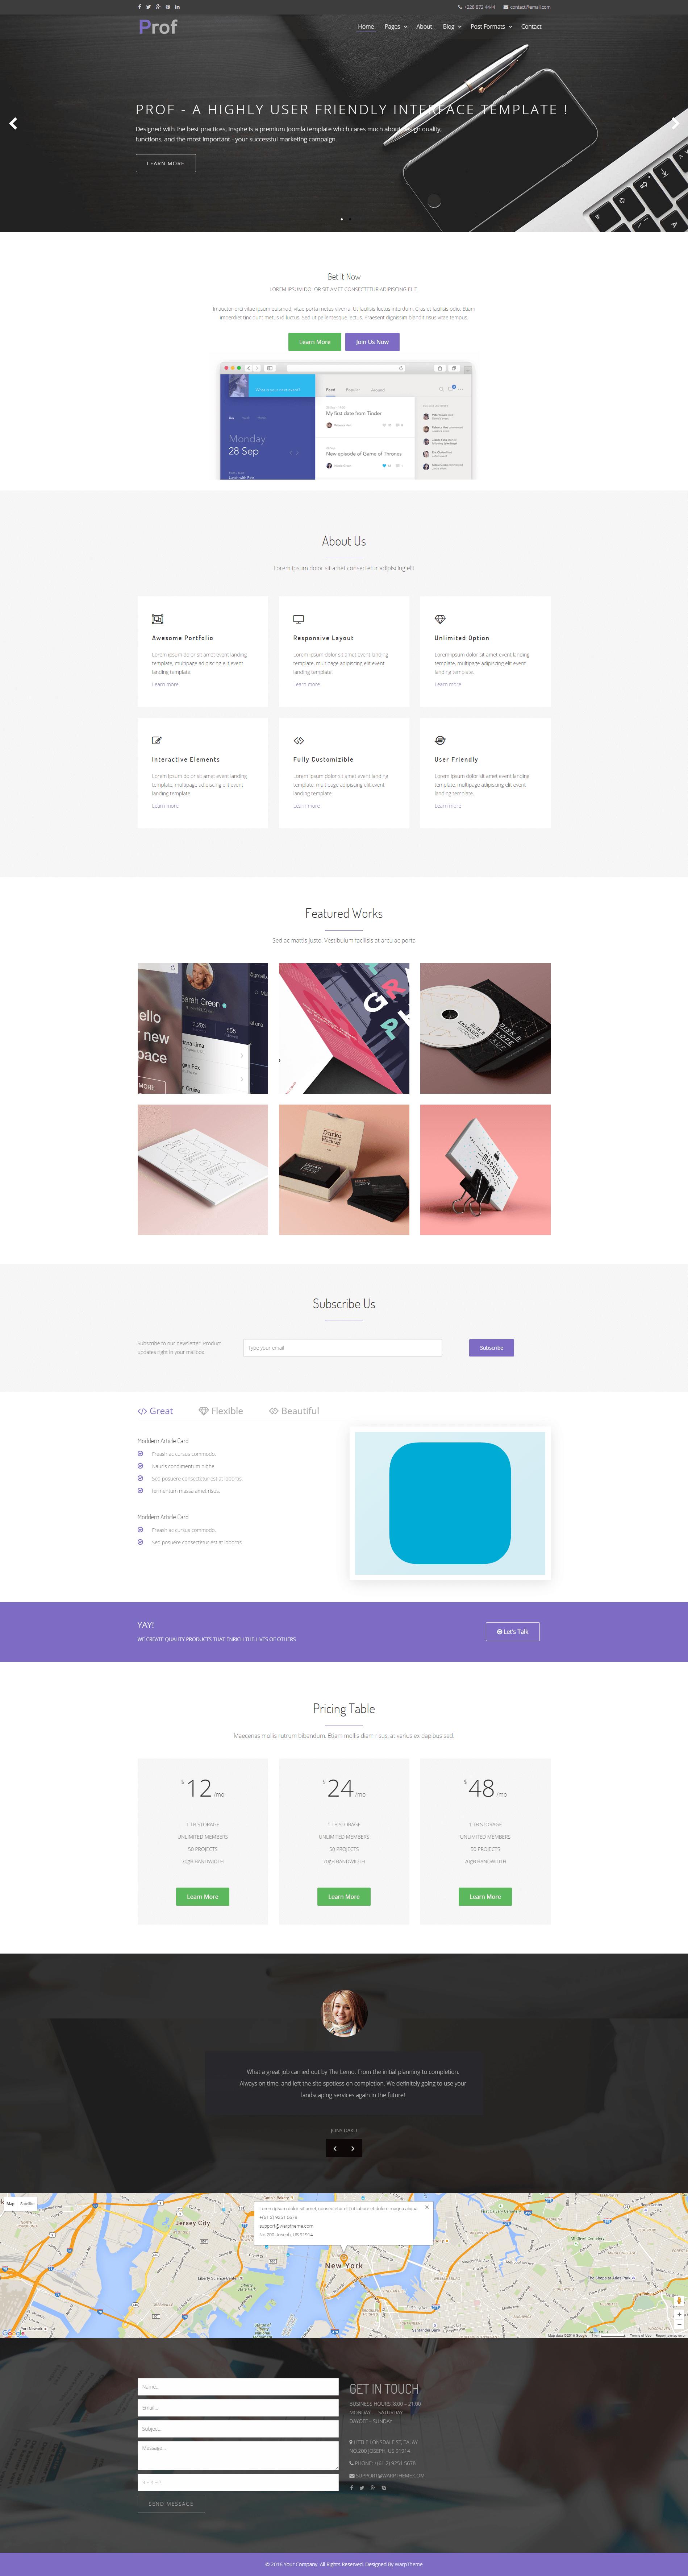 prof-violet